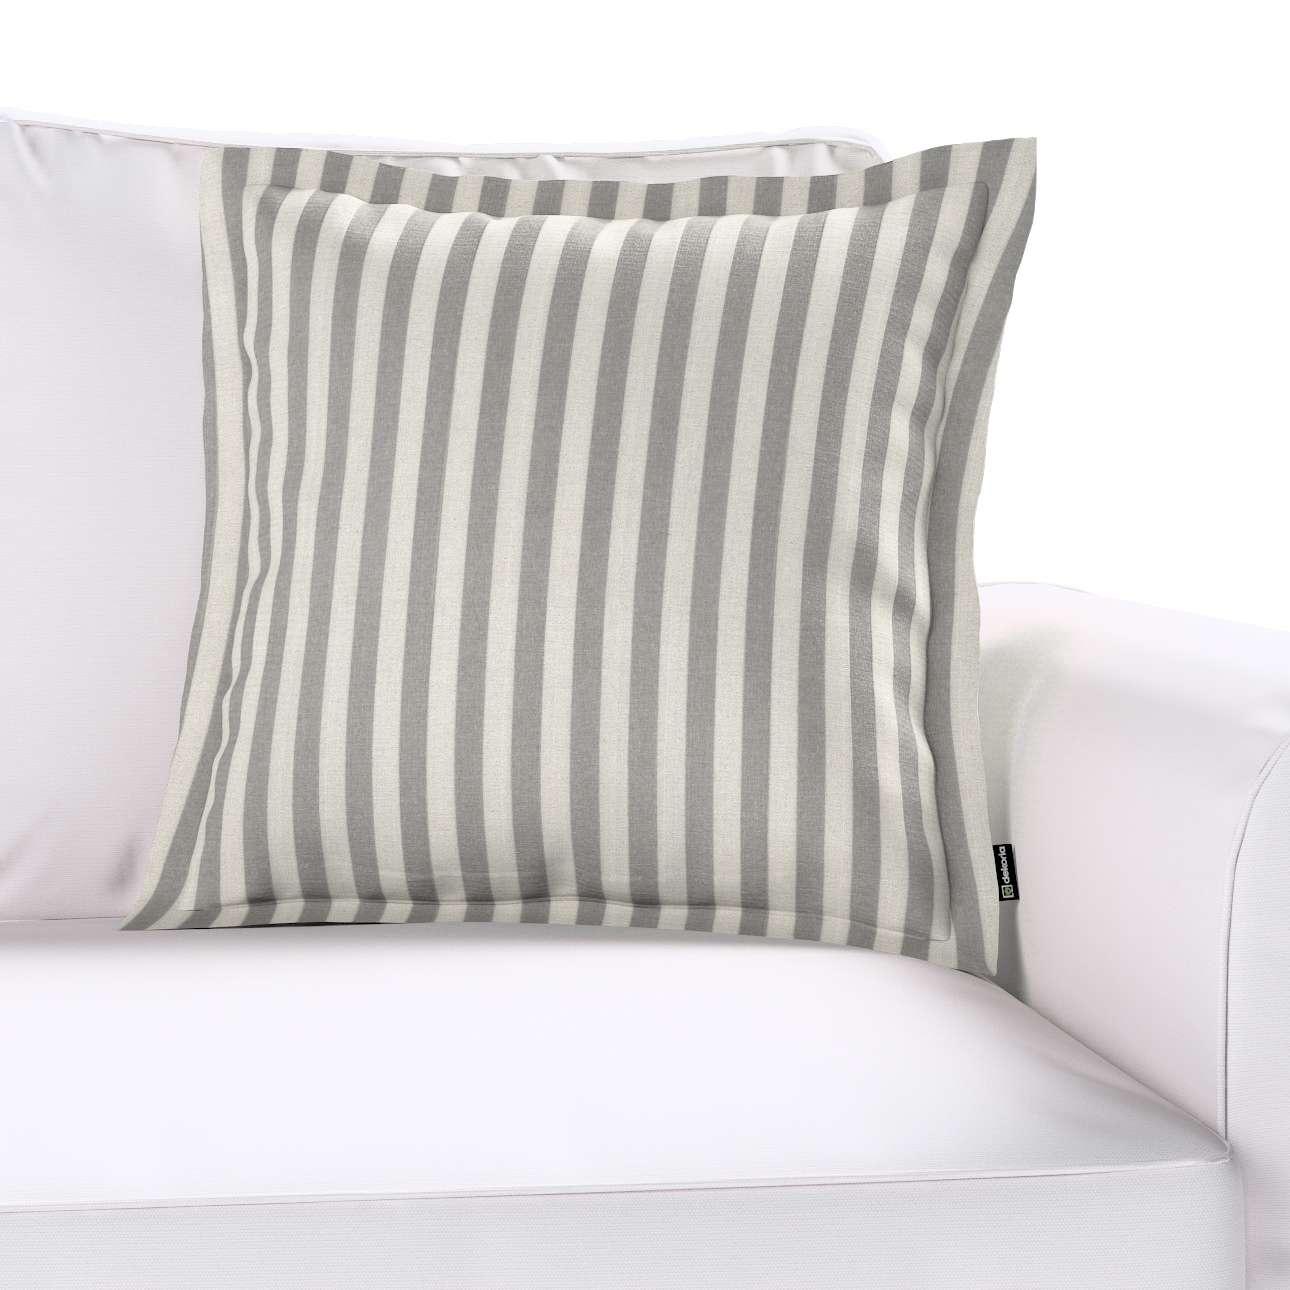 Mona dekoratyvinių pagalvėlių užvalkalas su sienele kolekcijoje Quadro, audinys: 136-12